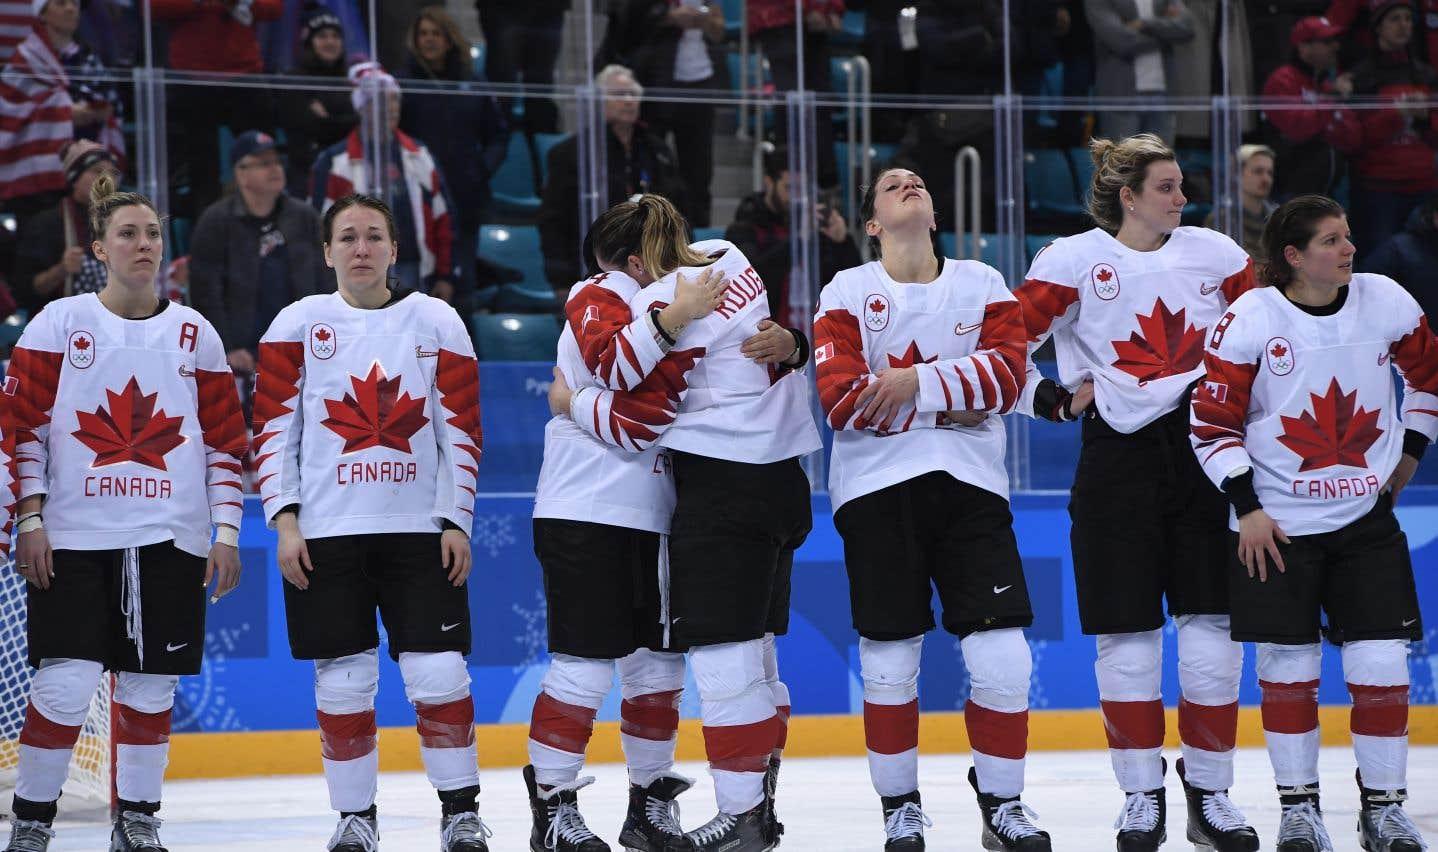 Le Canada s'est incliné 3-2 en tirs de barrage en finale de hockey féminin aux Jeux de Pyeongchang.